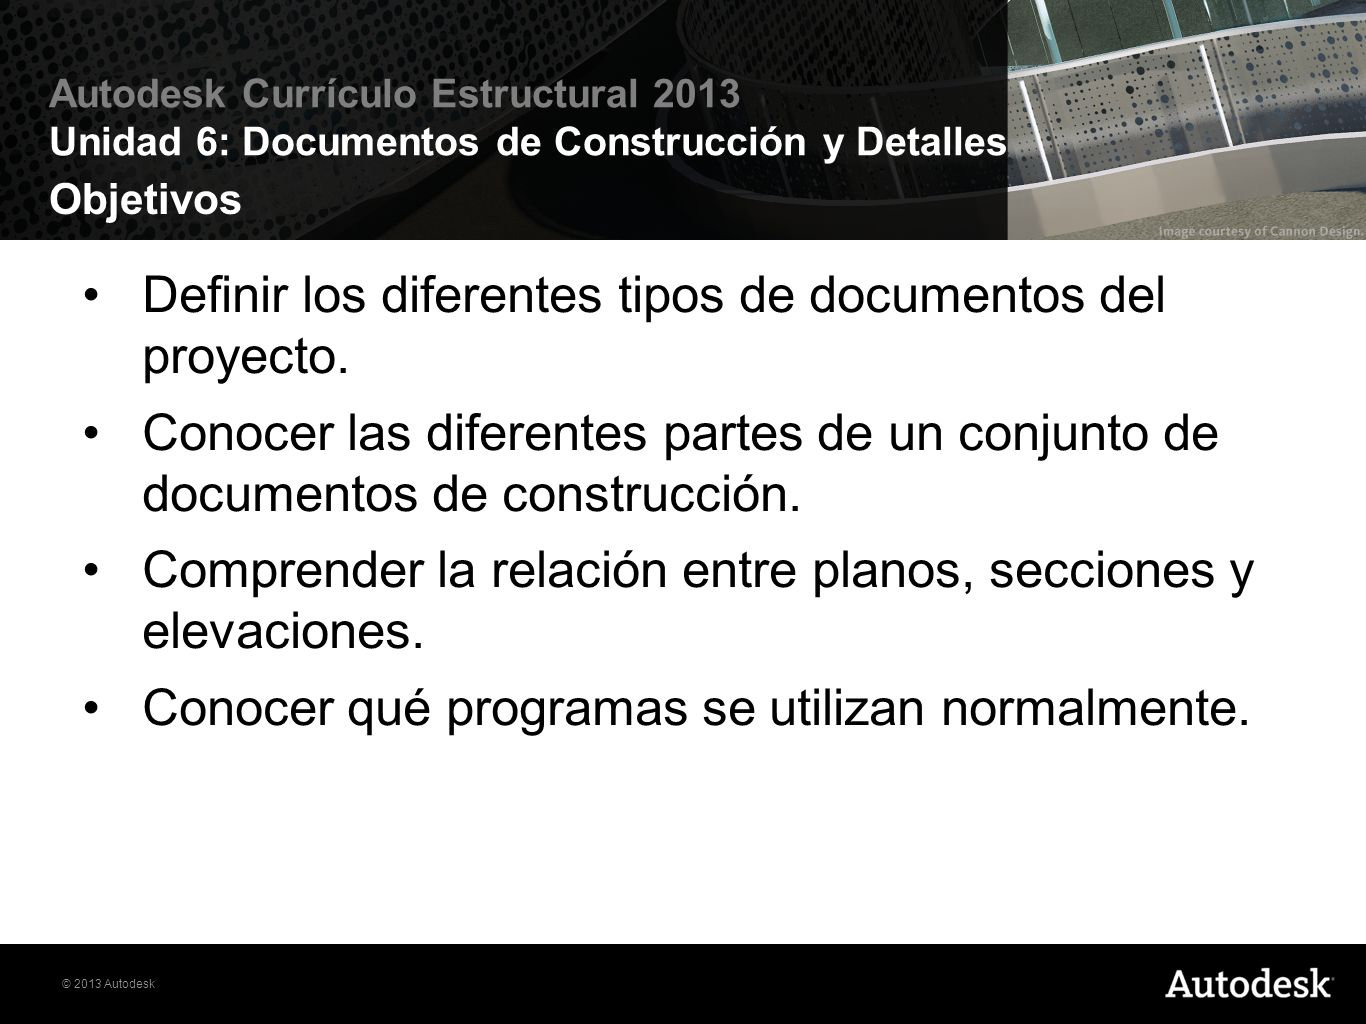 © 2013 Autodesk Autodesk Currículo Estructural 2013 Unidad 6: Documentos de Construcción y Detalles Ejercicios Ejercicio 6.1 Documentos de Construcción Ejercicio 6.2 Planos, Cimentación y Estructura Ejercicio 6.3 Agenda Ejercicio 6.4 Elevaciones, Secciones, Detalles Ejercicio 6.5 Agrupando y Publicando en CD Ejercicio 6.6 Impresión Ejercicio 6.7 Compartimiento de documentos Ejercicio 6.8 Desafío